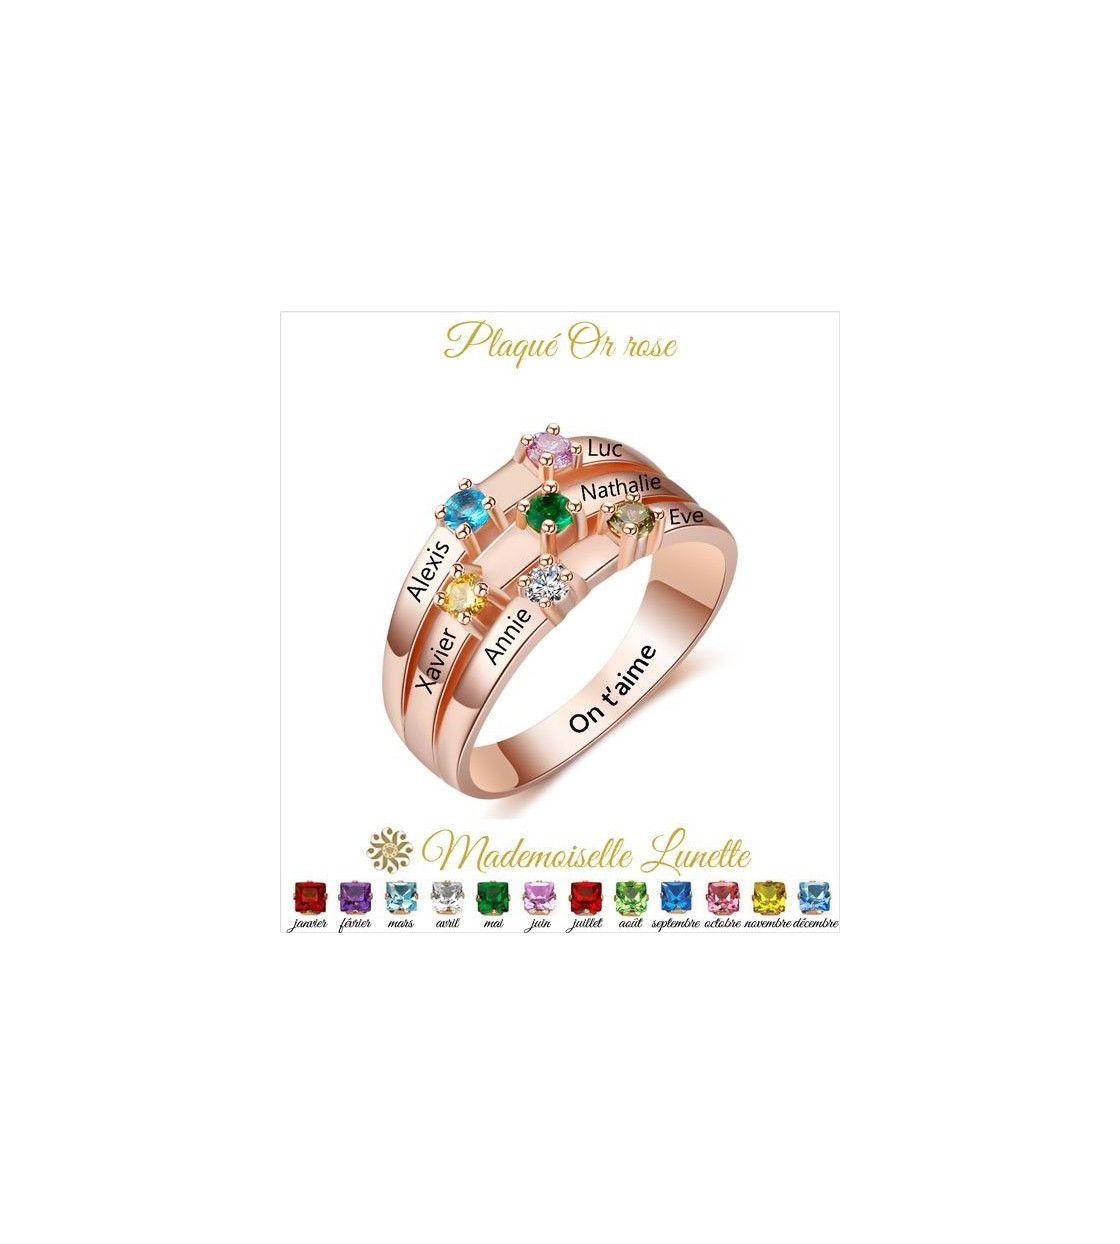 bague-famille-en-plaque-or-rose-pour-maman-et-6-pierres-de-naissance-6-gravure-prenoms